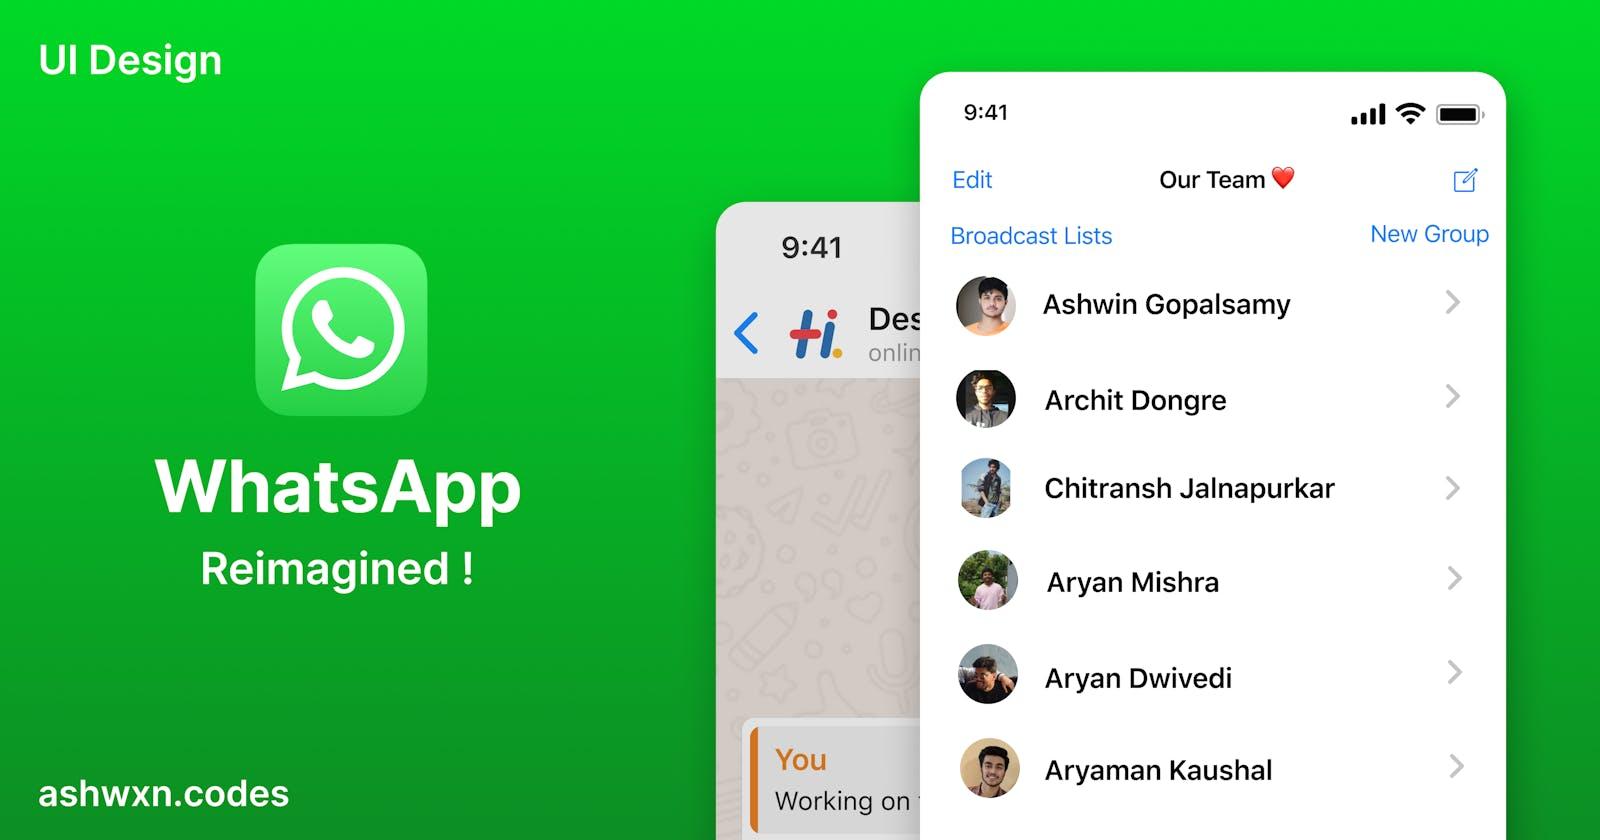 Reimagining WhatsApp ! - UI Design Thinking